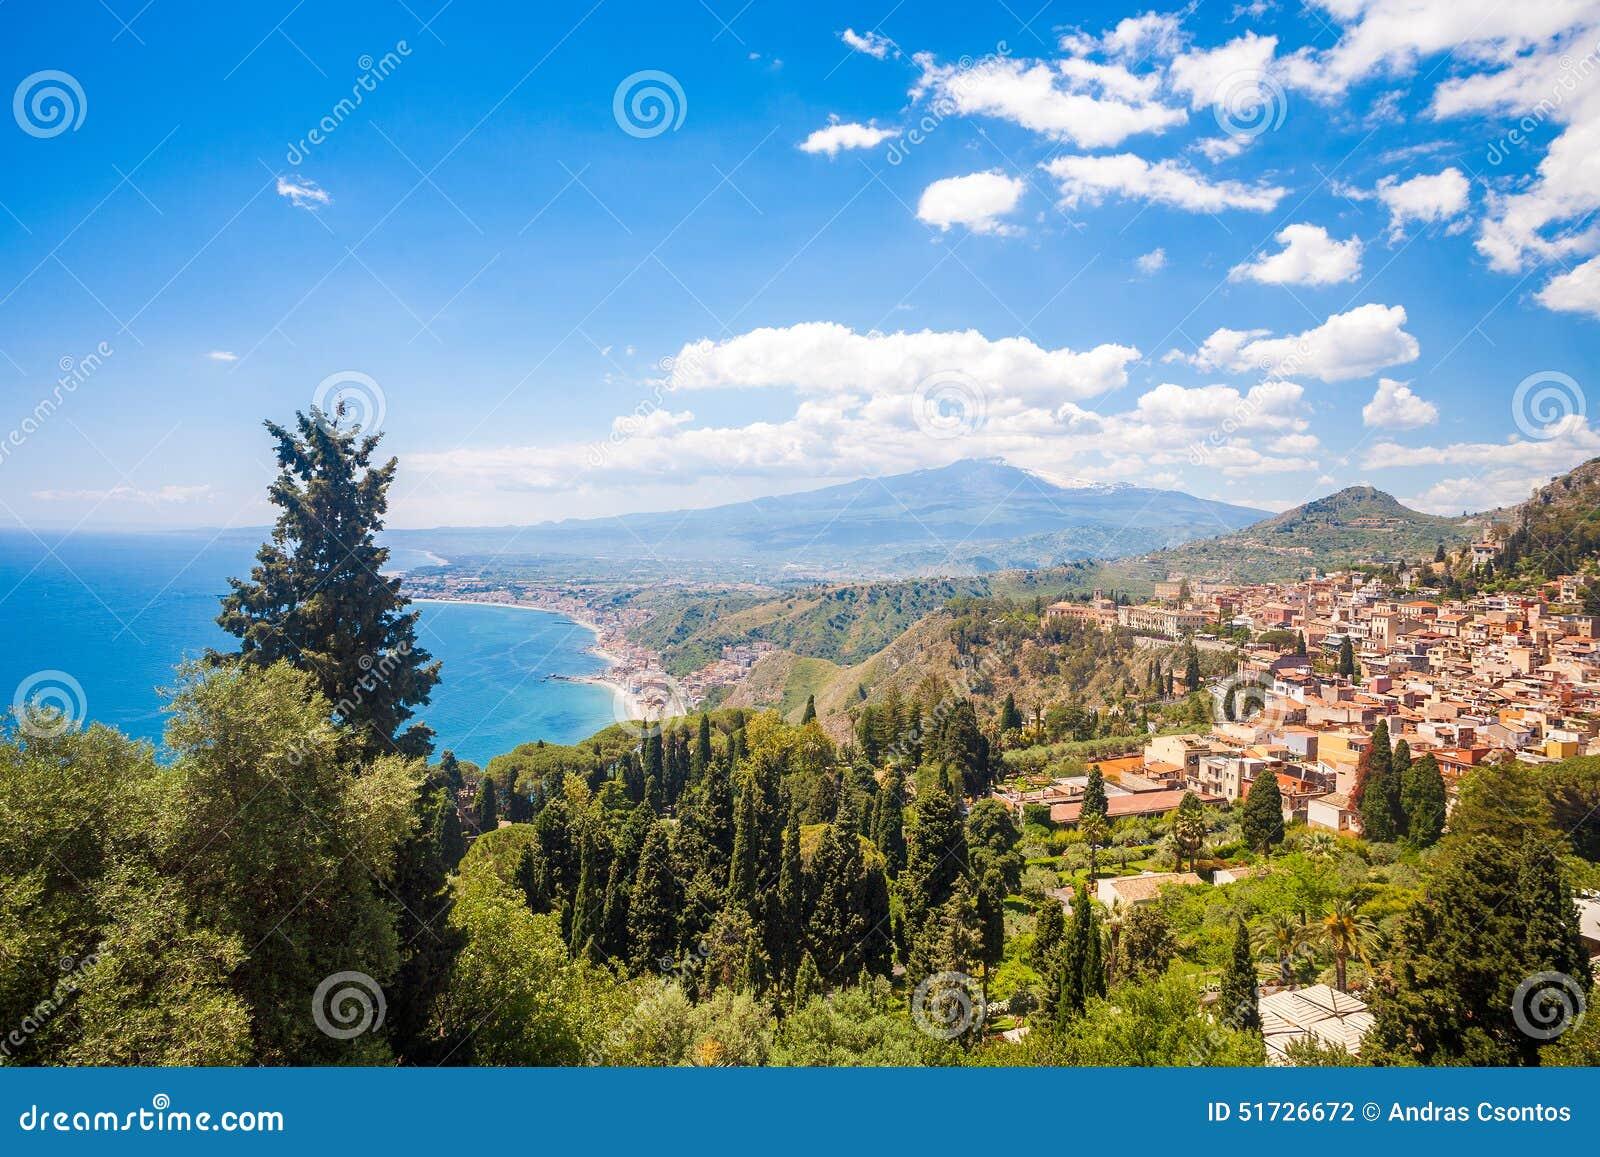 Giardini naxos stock photo image 51726672 for Giardini naxos sicilia